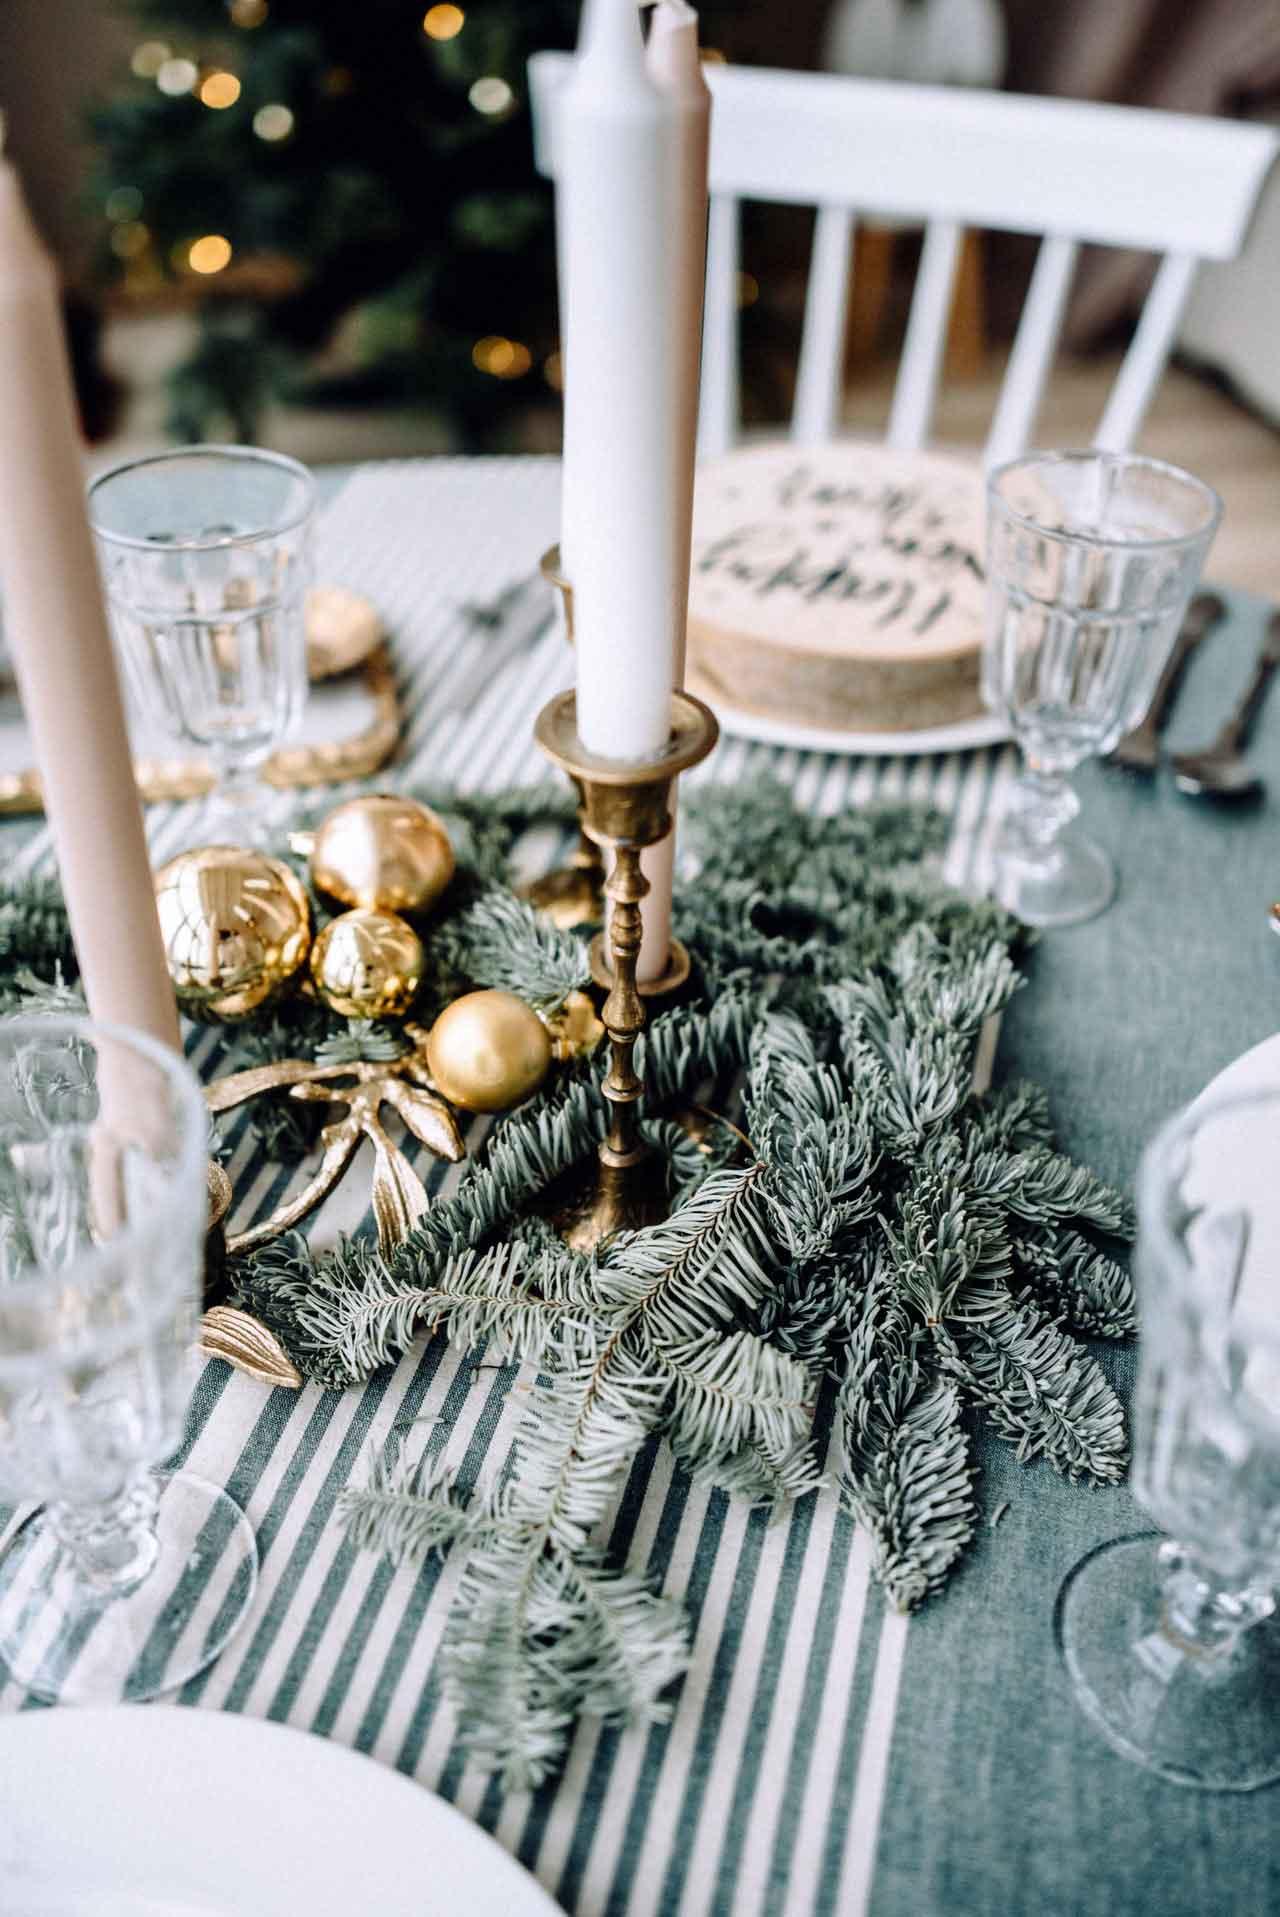 Decoración vintage navideña